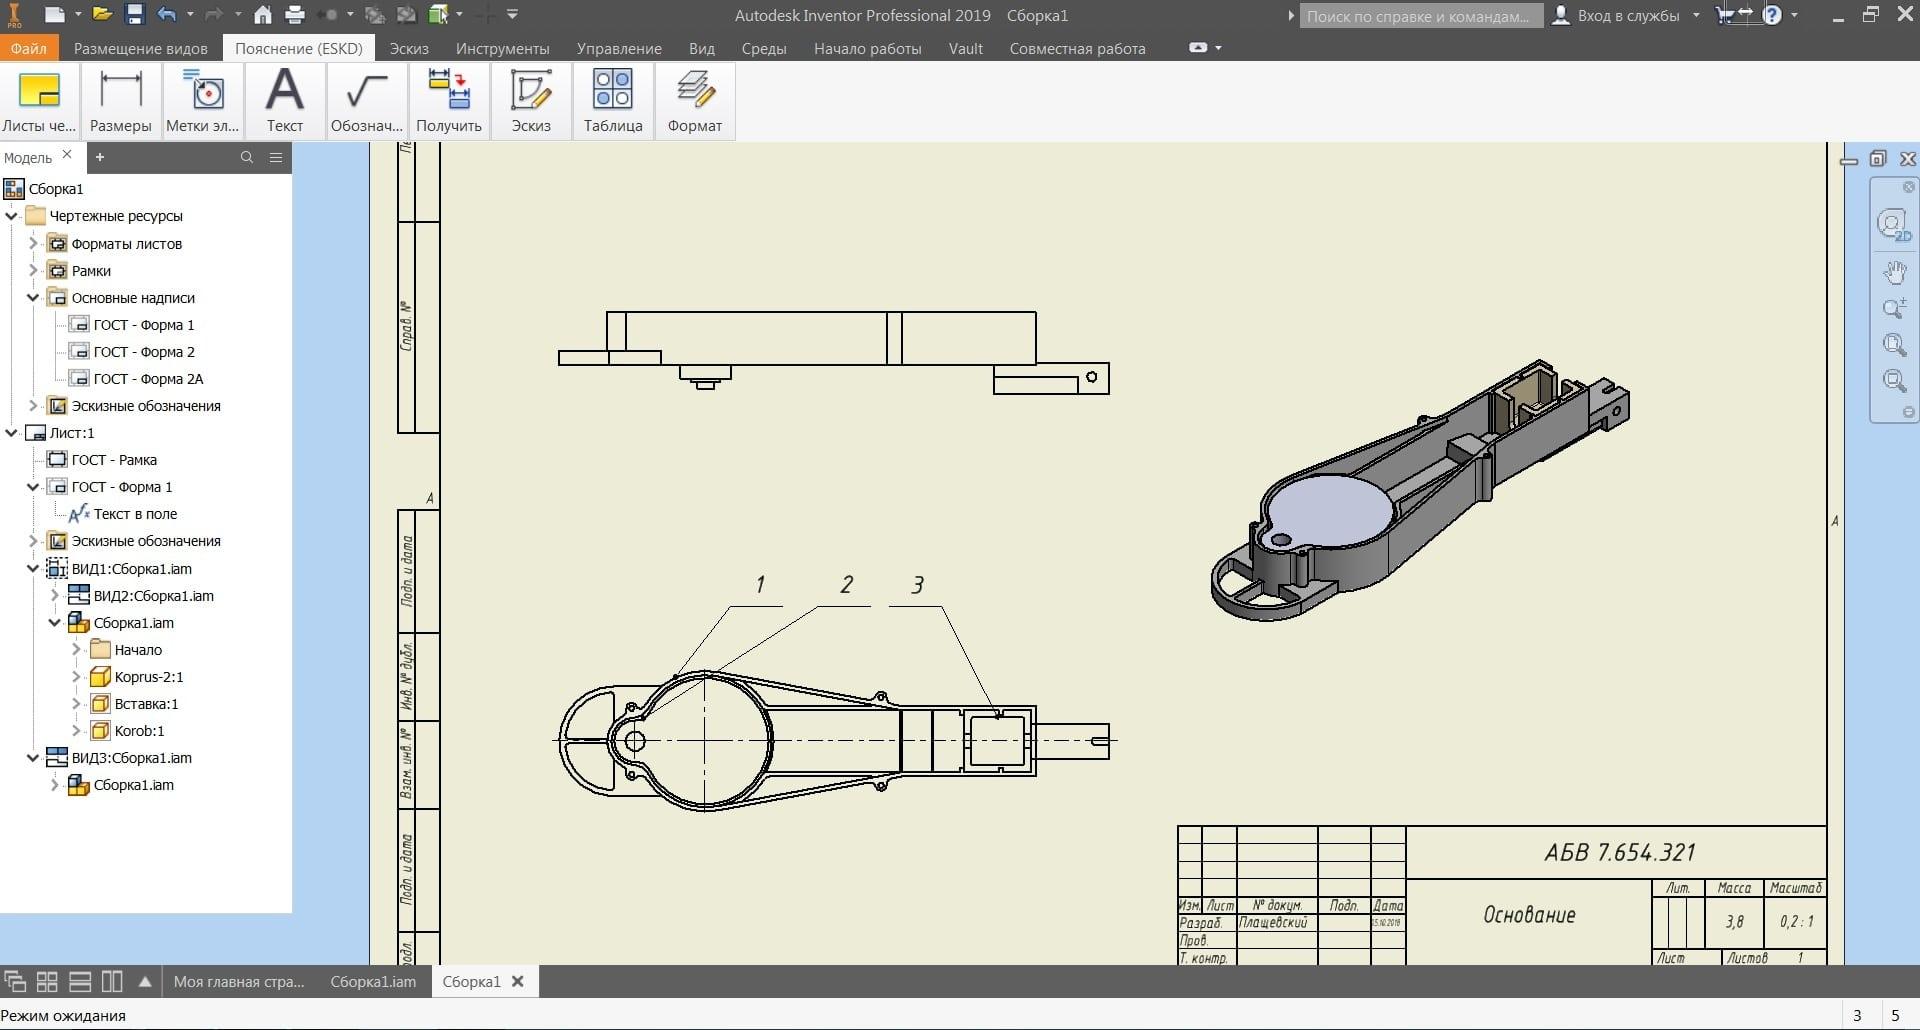 Autodesk Inventor. Створення креслень